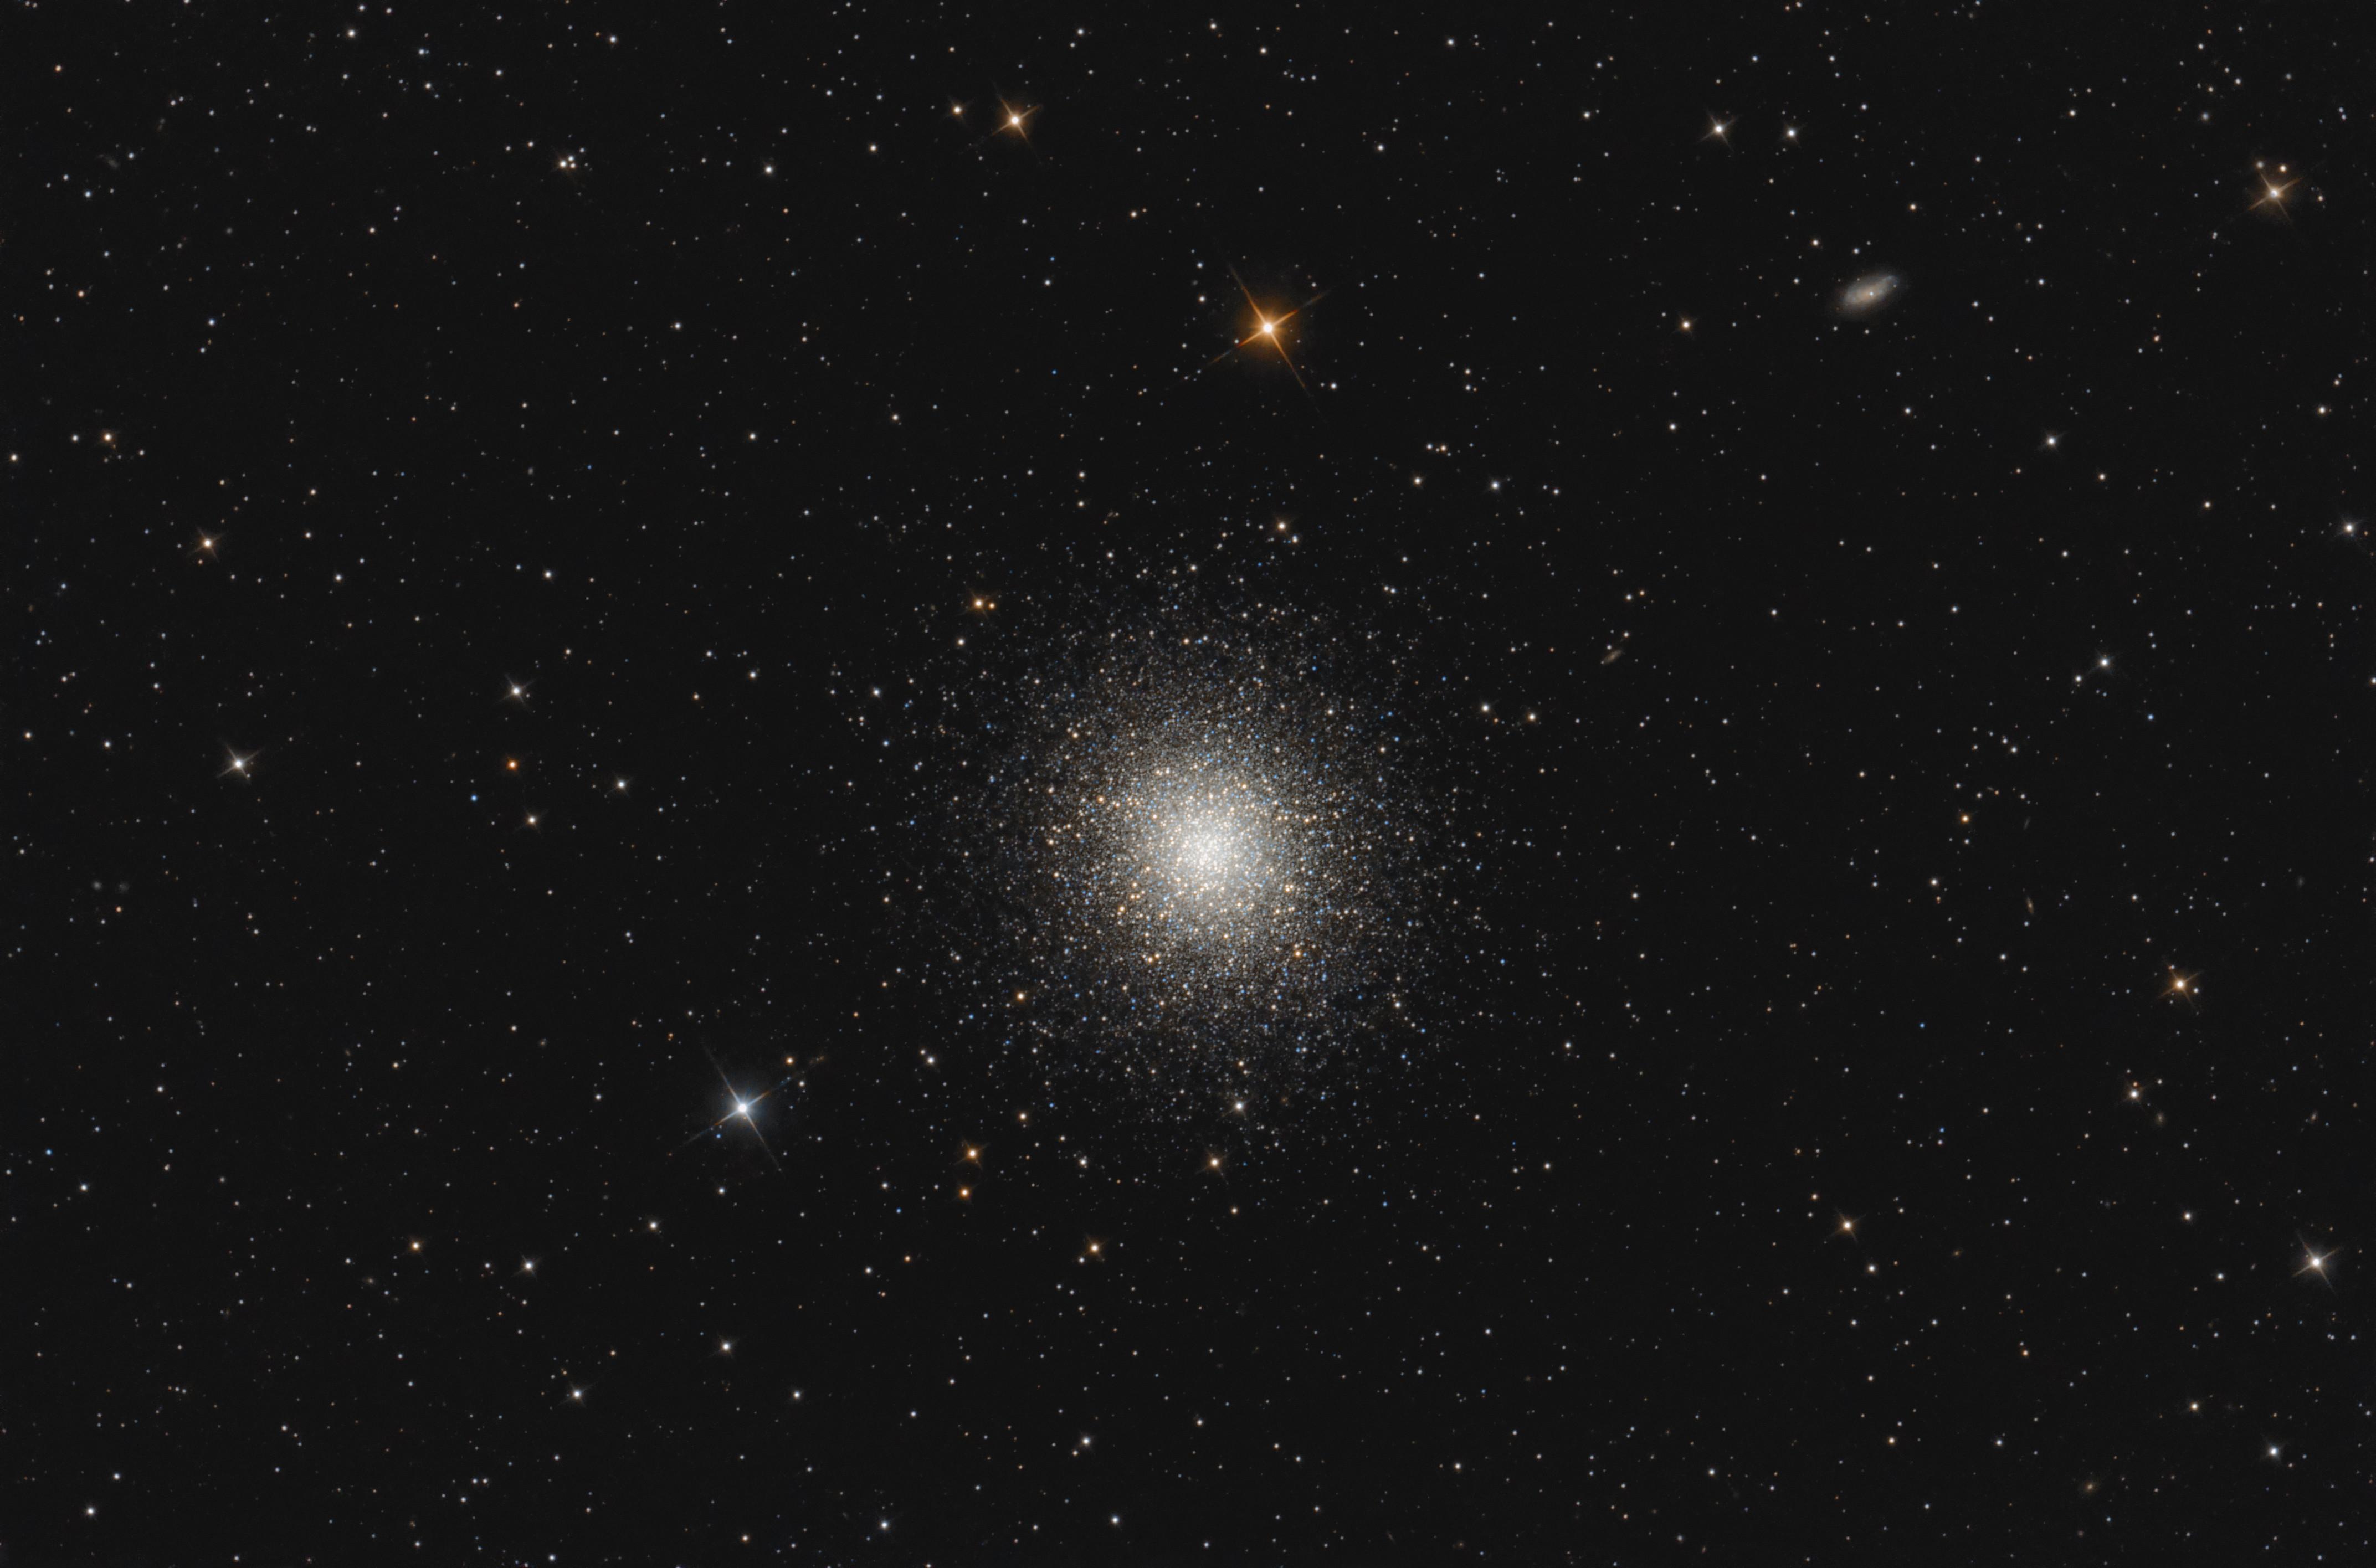 Taunus astronomie das teleskop aufbau erläuterungen